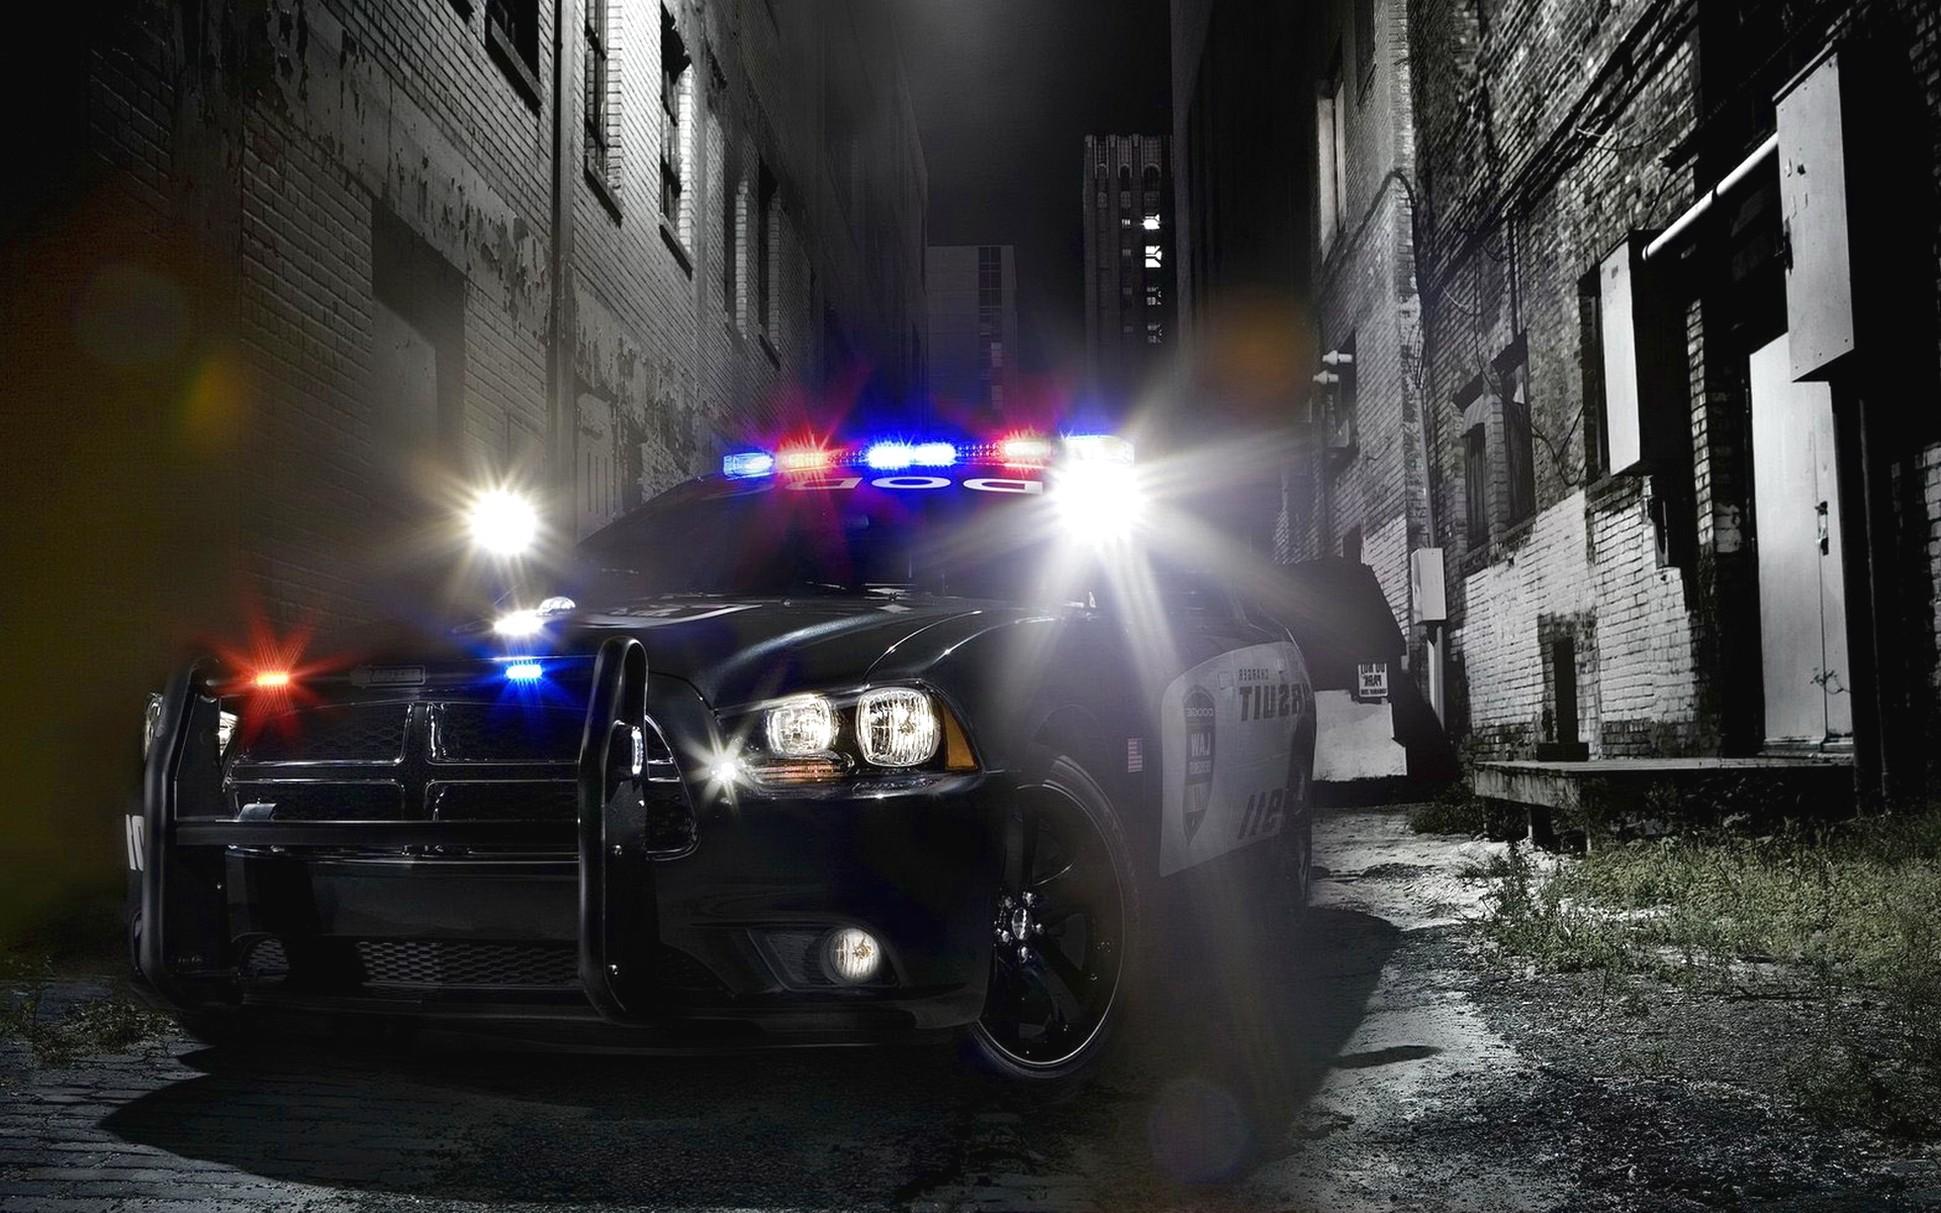 Police Desktop Wallpaper (72+ images)